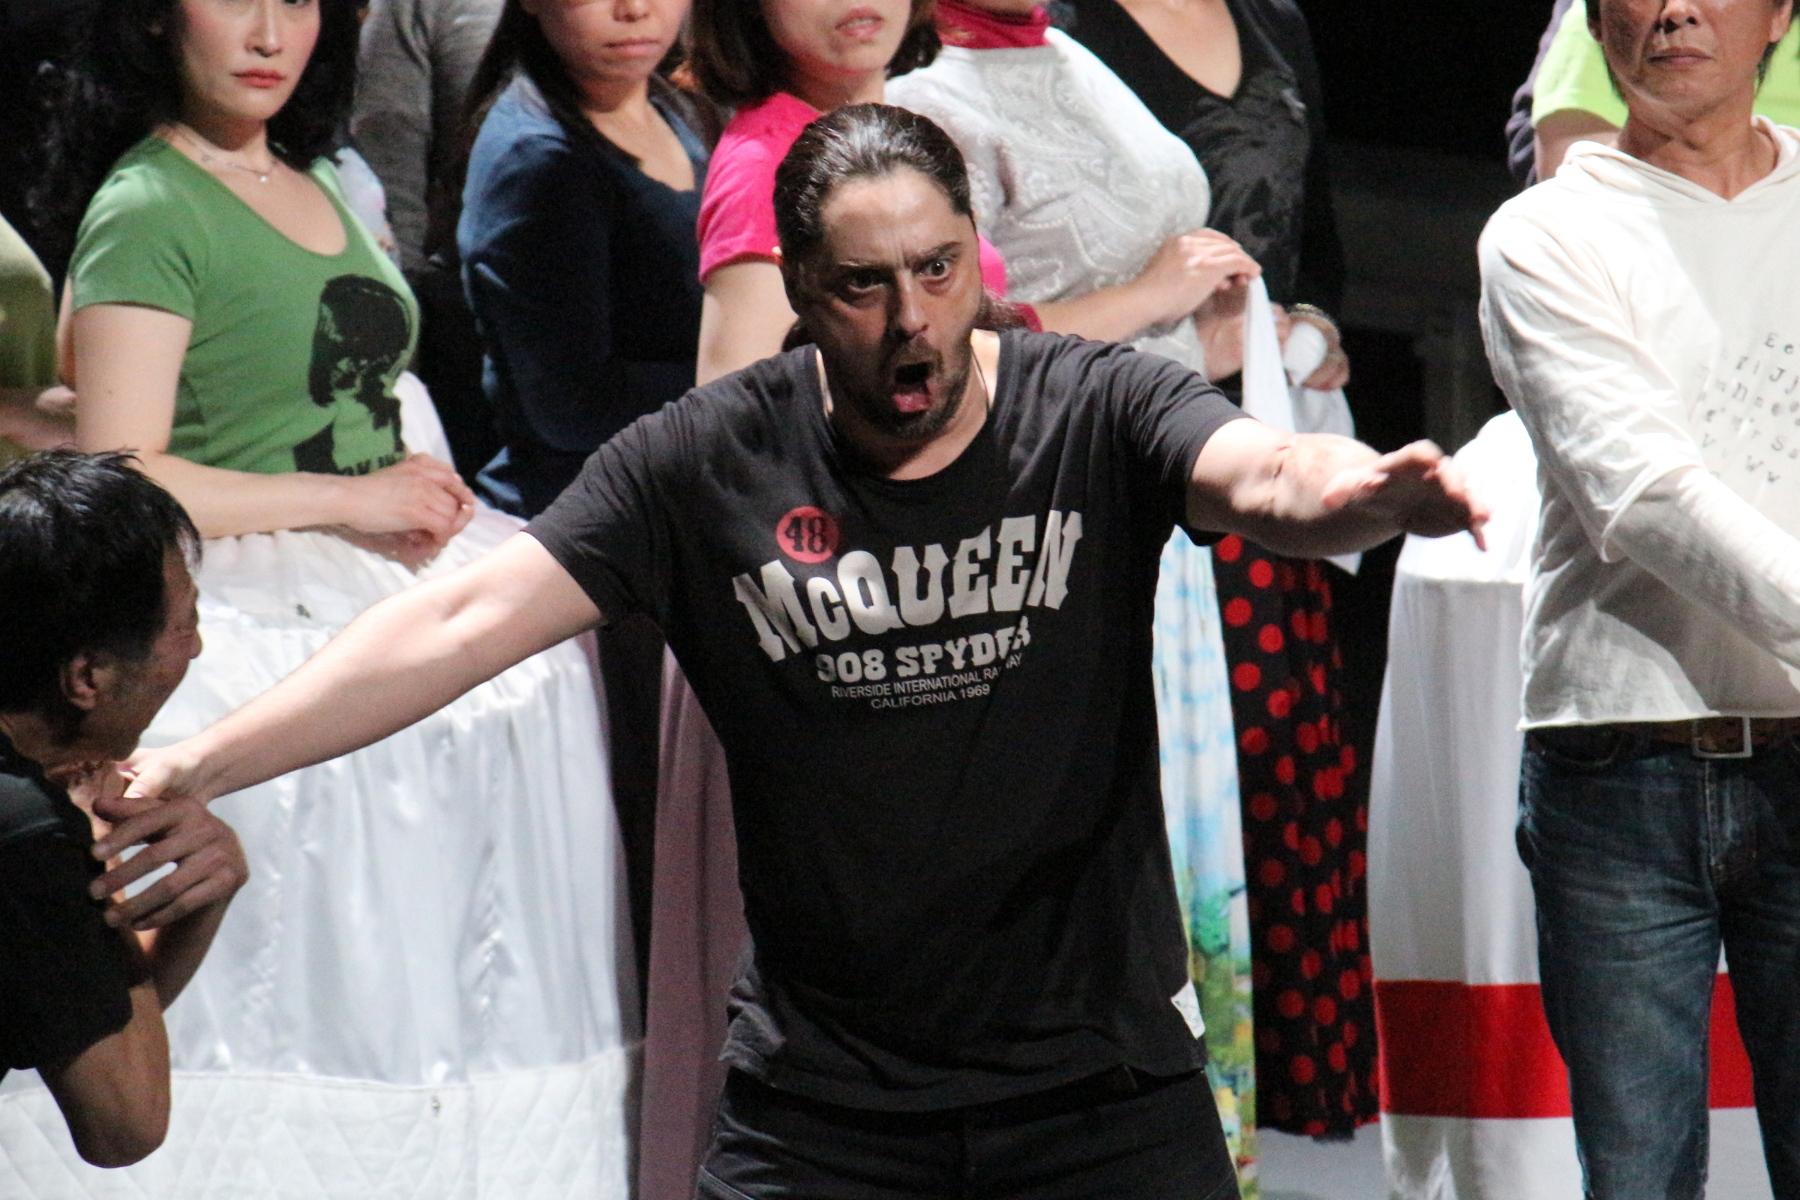 ヴィットリオ・ヴィテッリ(ジェラール)は歌、演技ともに絶好調(4/10リハーサルより/衣装は出演者私服です) (新国立劇場提供)